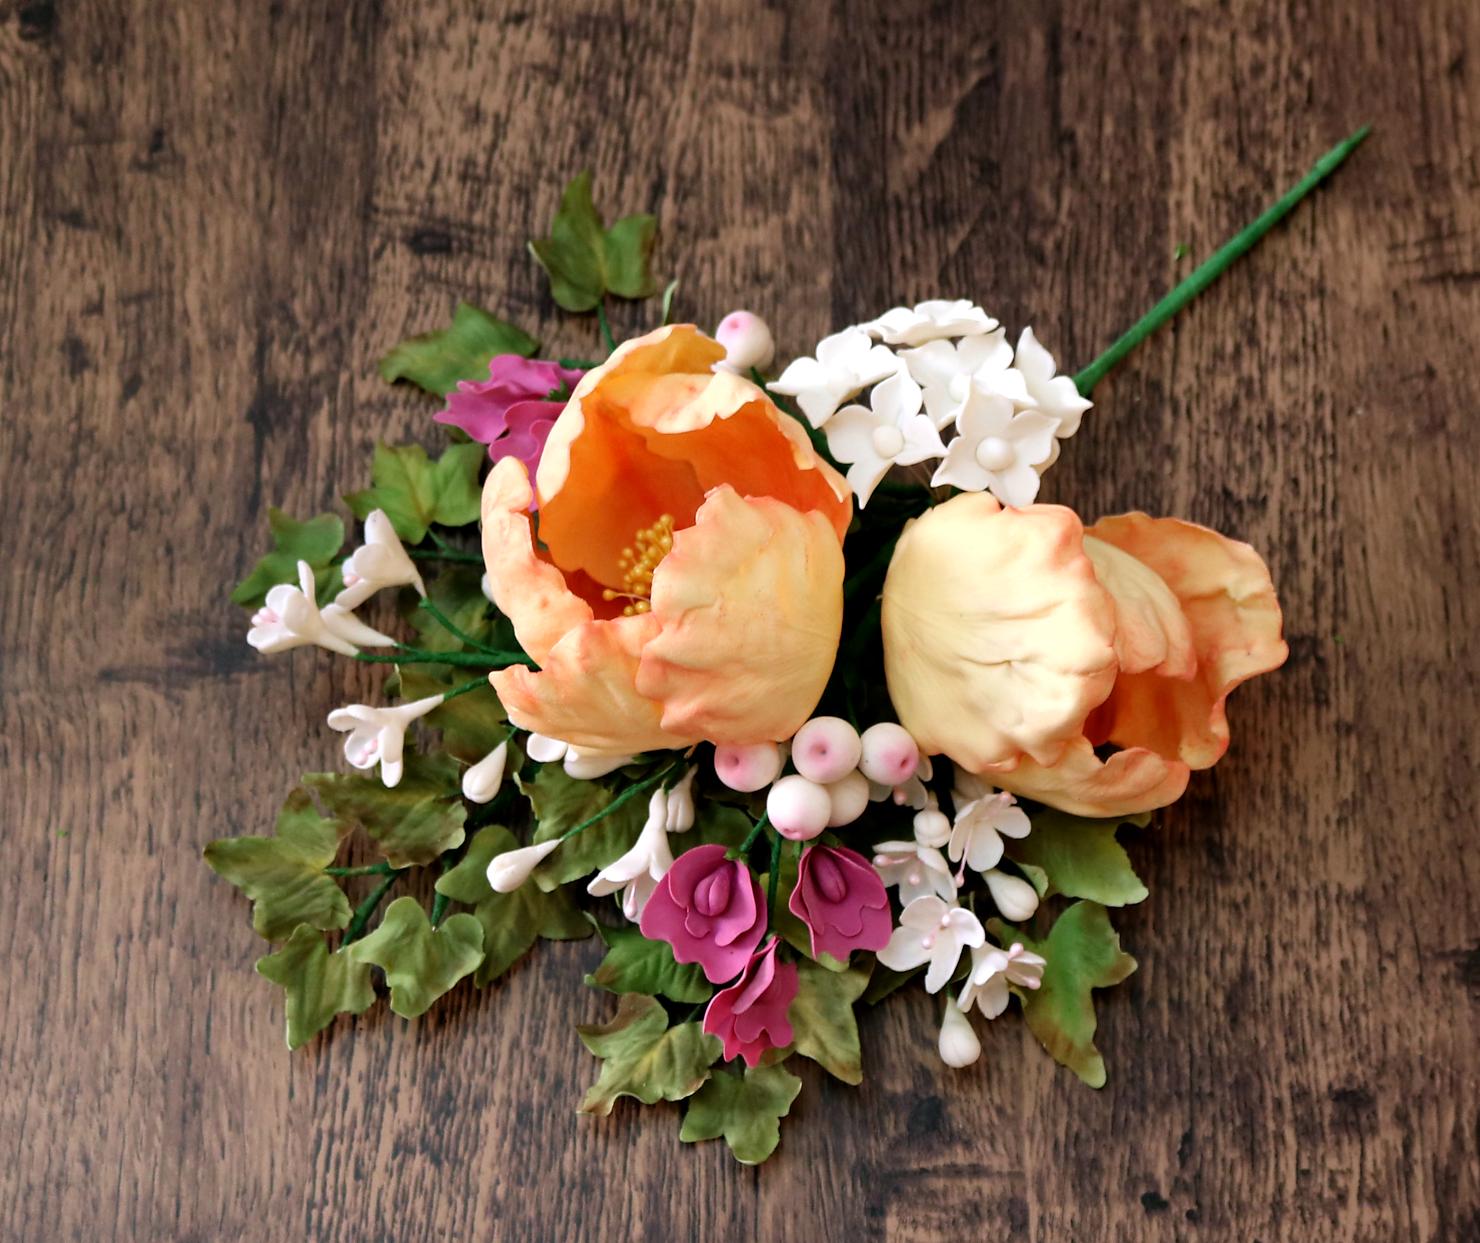 Orange sugar roses